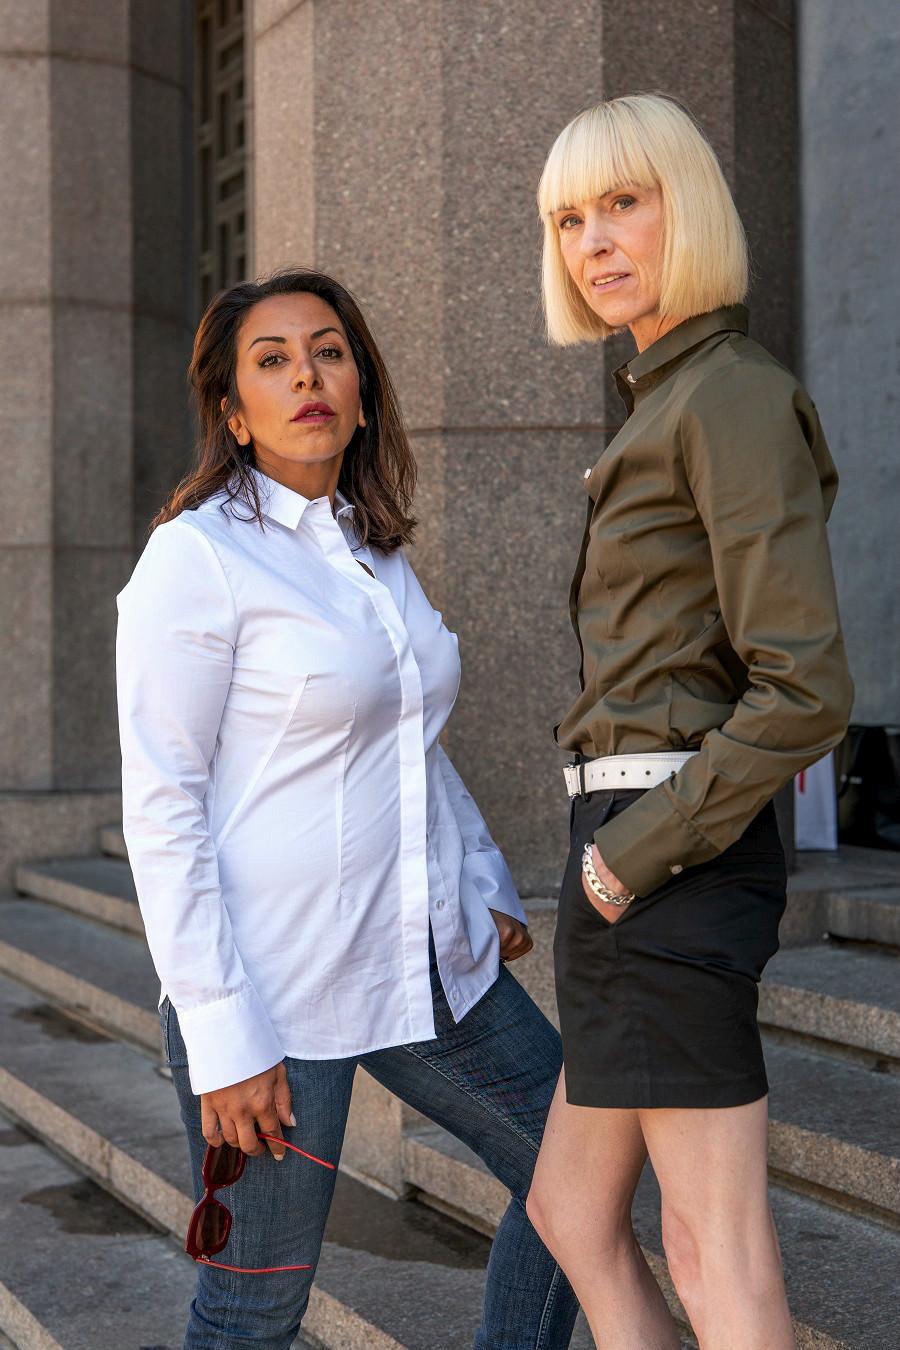 Skjortkärlek och kvinnligt företagande